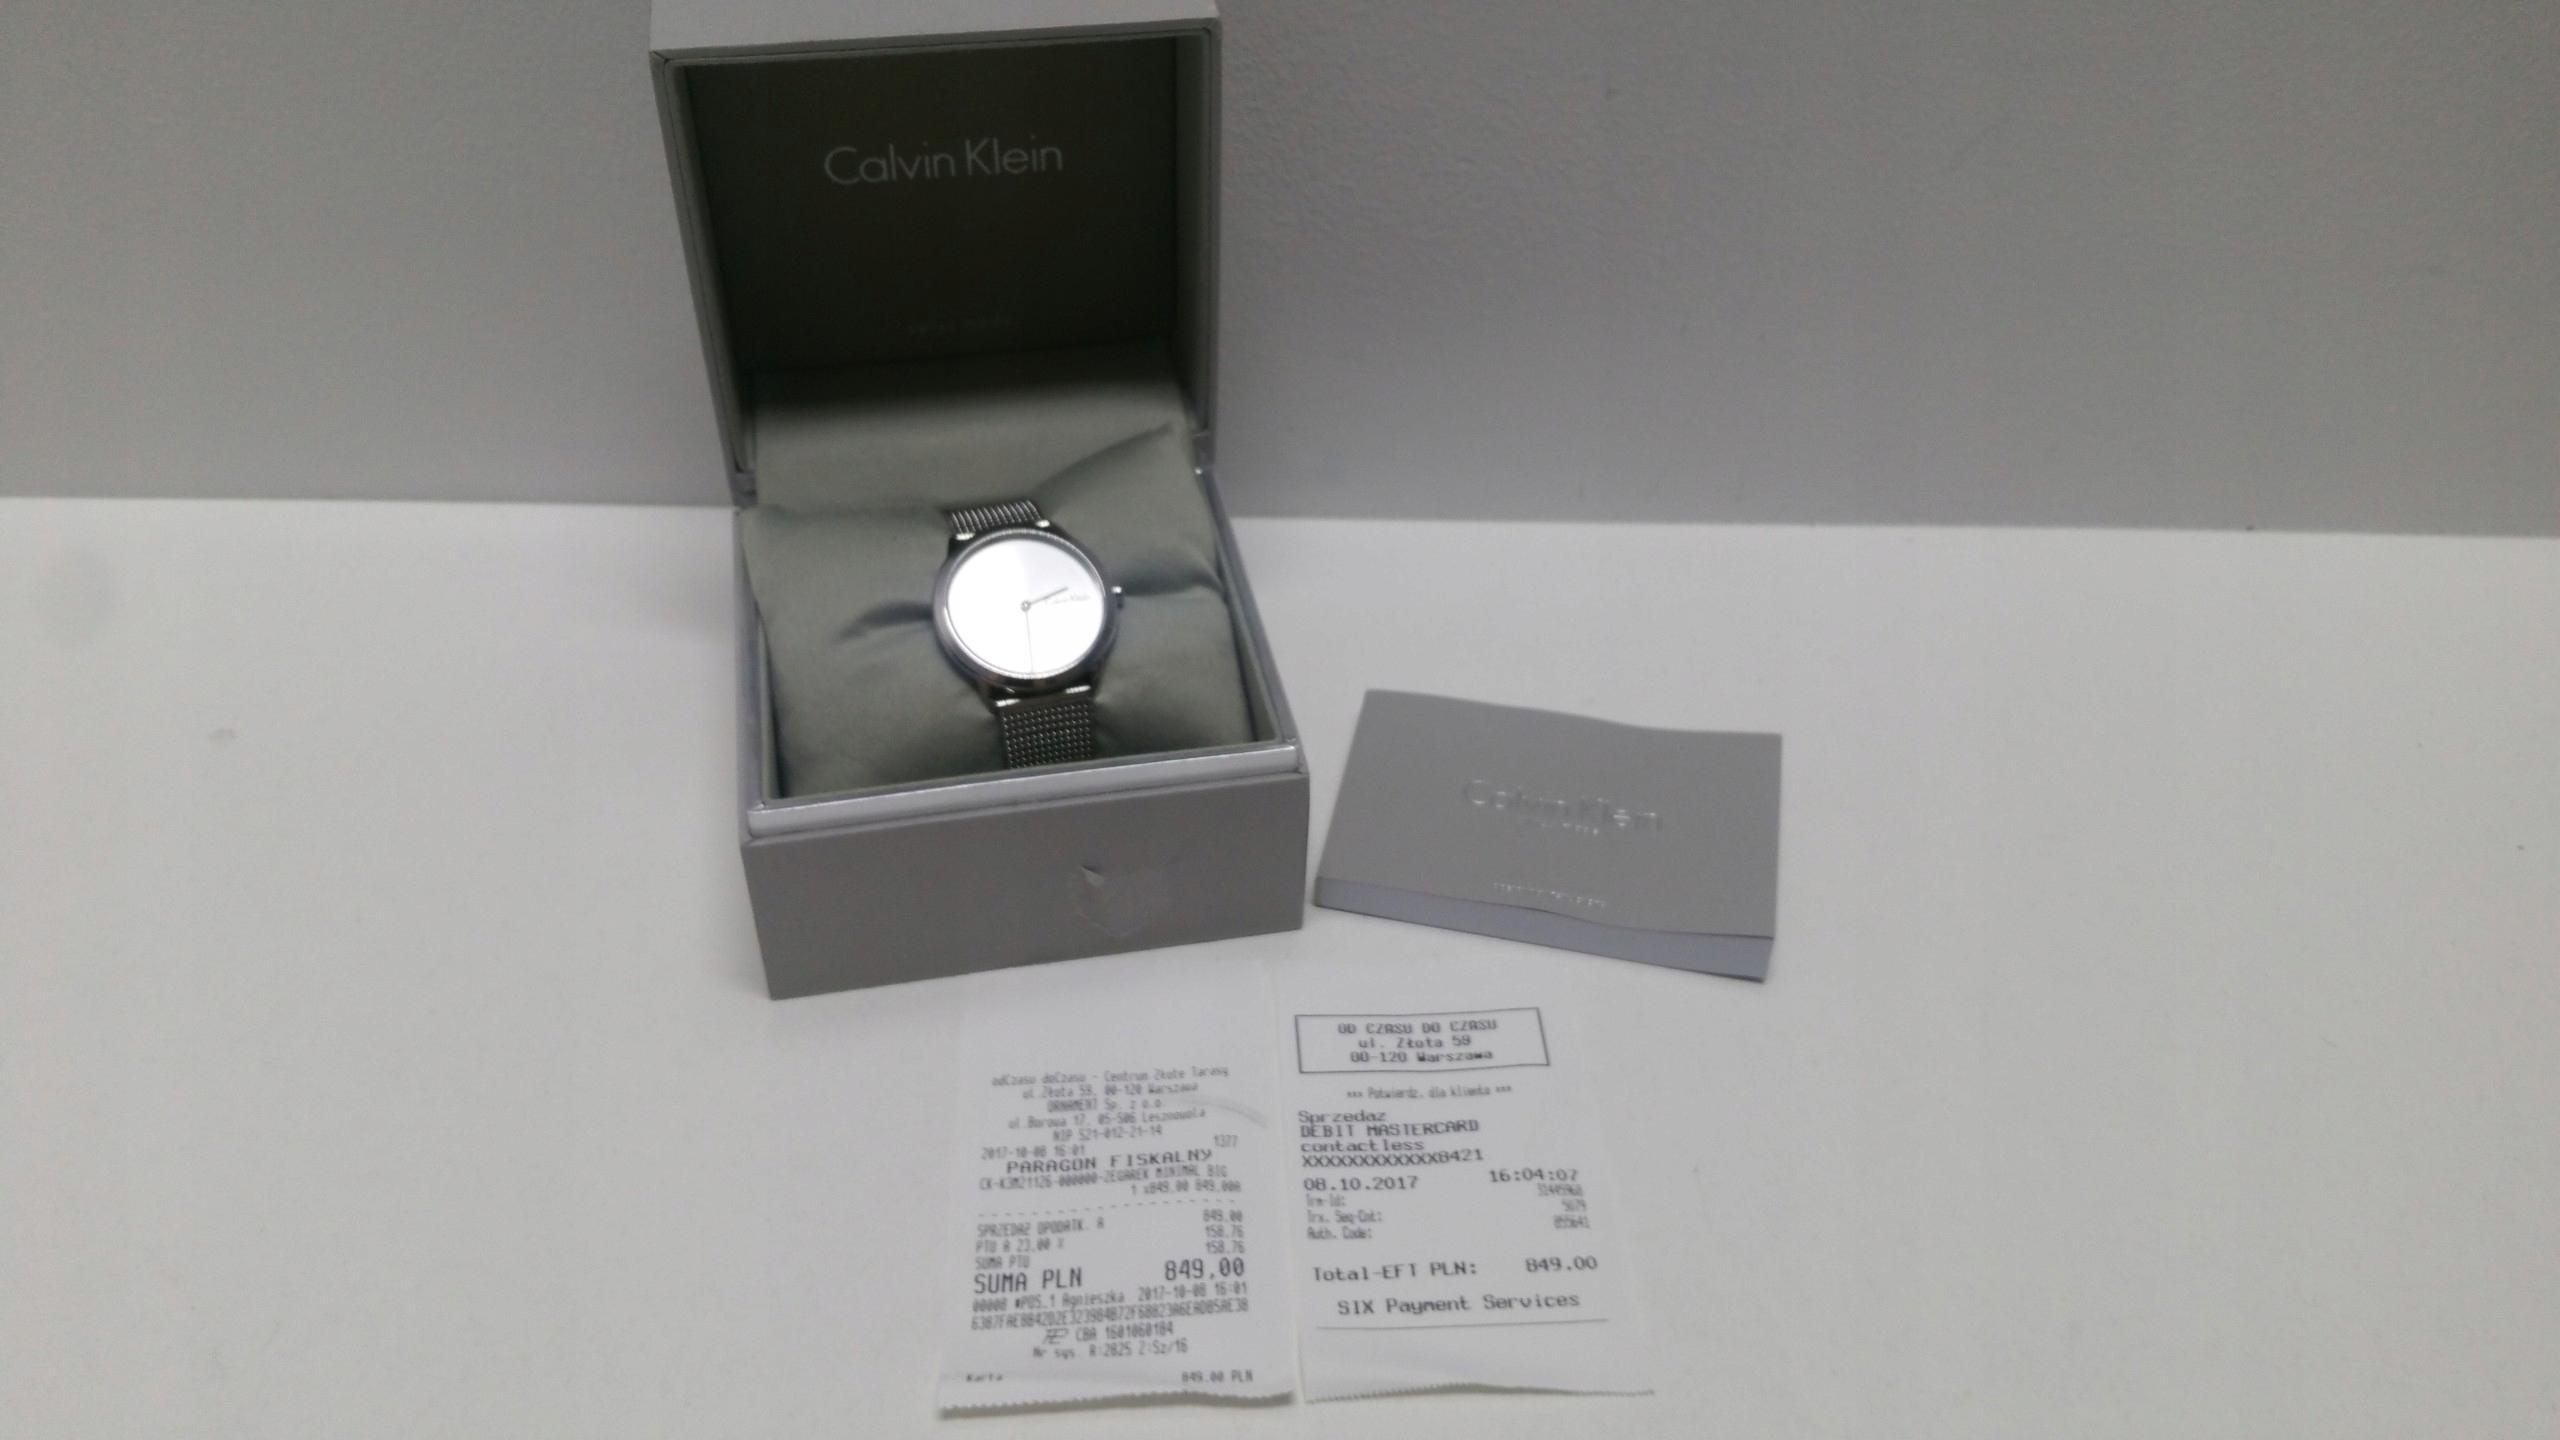 395d85c1c8667b Zegarki Calvin Klein cena od 200 cena do 500 Używany w Oficjalnym Archiwum  Allegro - Strona 7 - archiwum ofert